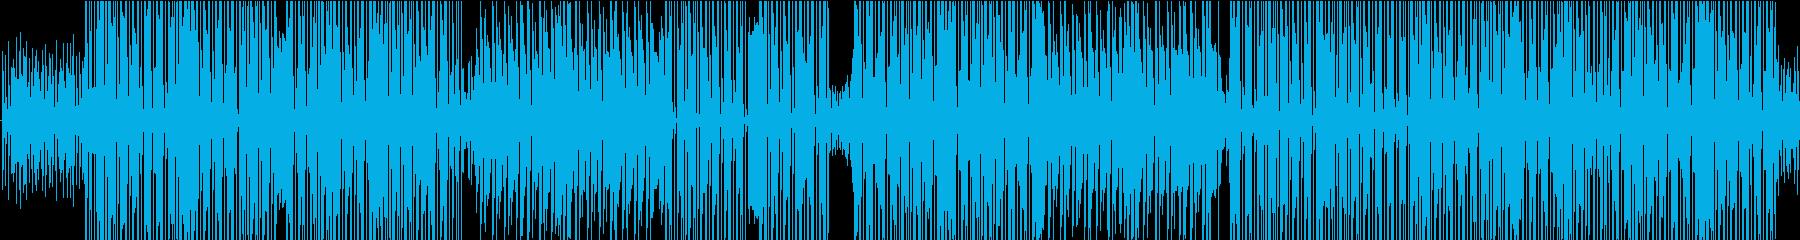 遊び心あるファンキーなラテン系ストラットの再生済みの波形